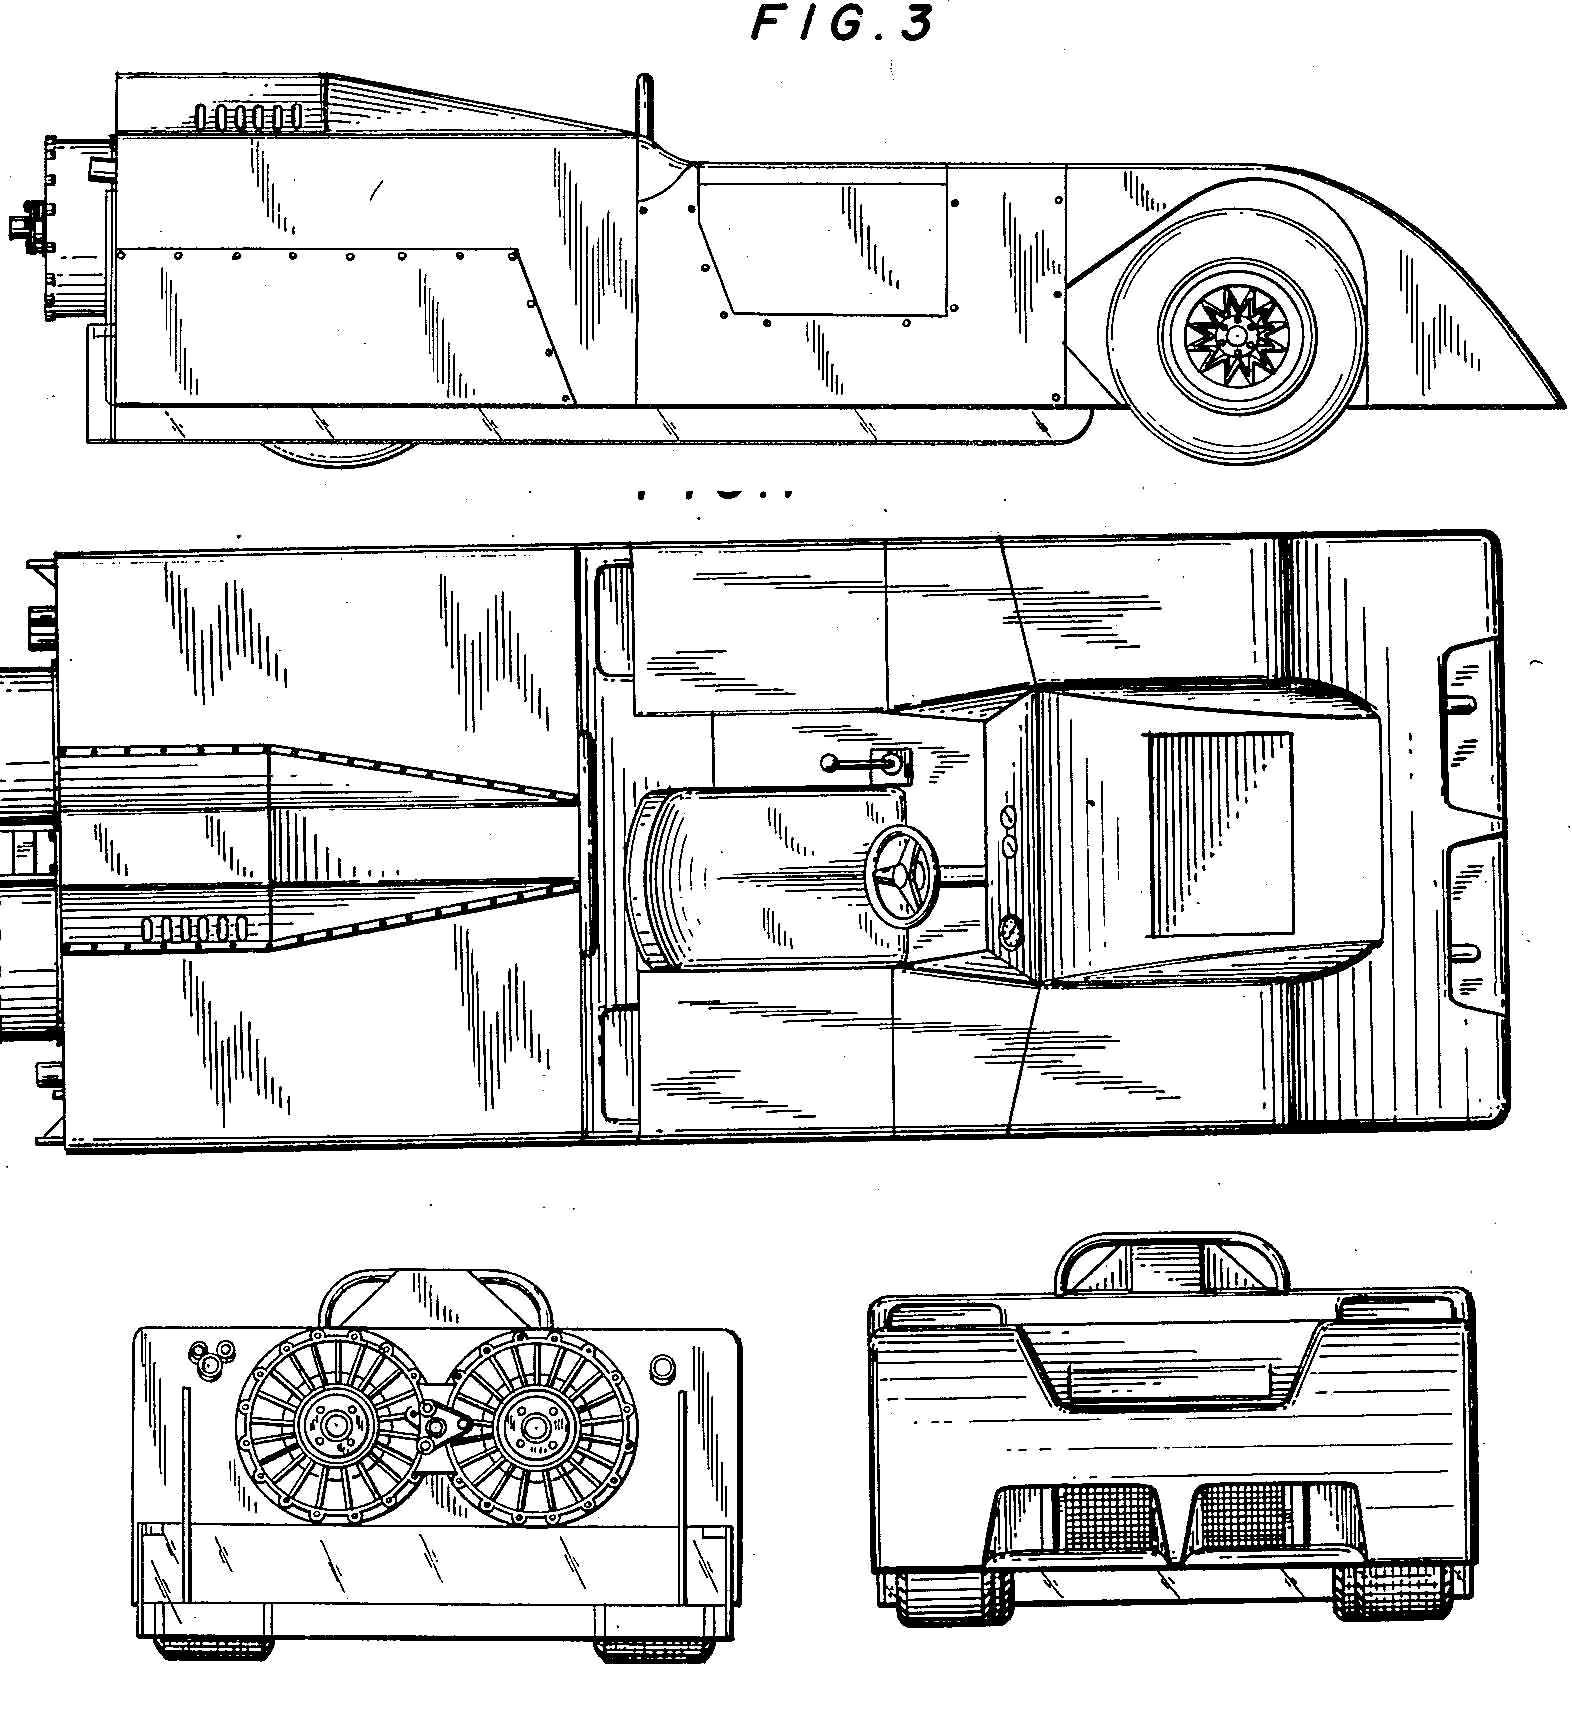 a henry j car